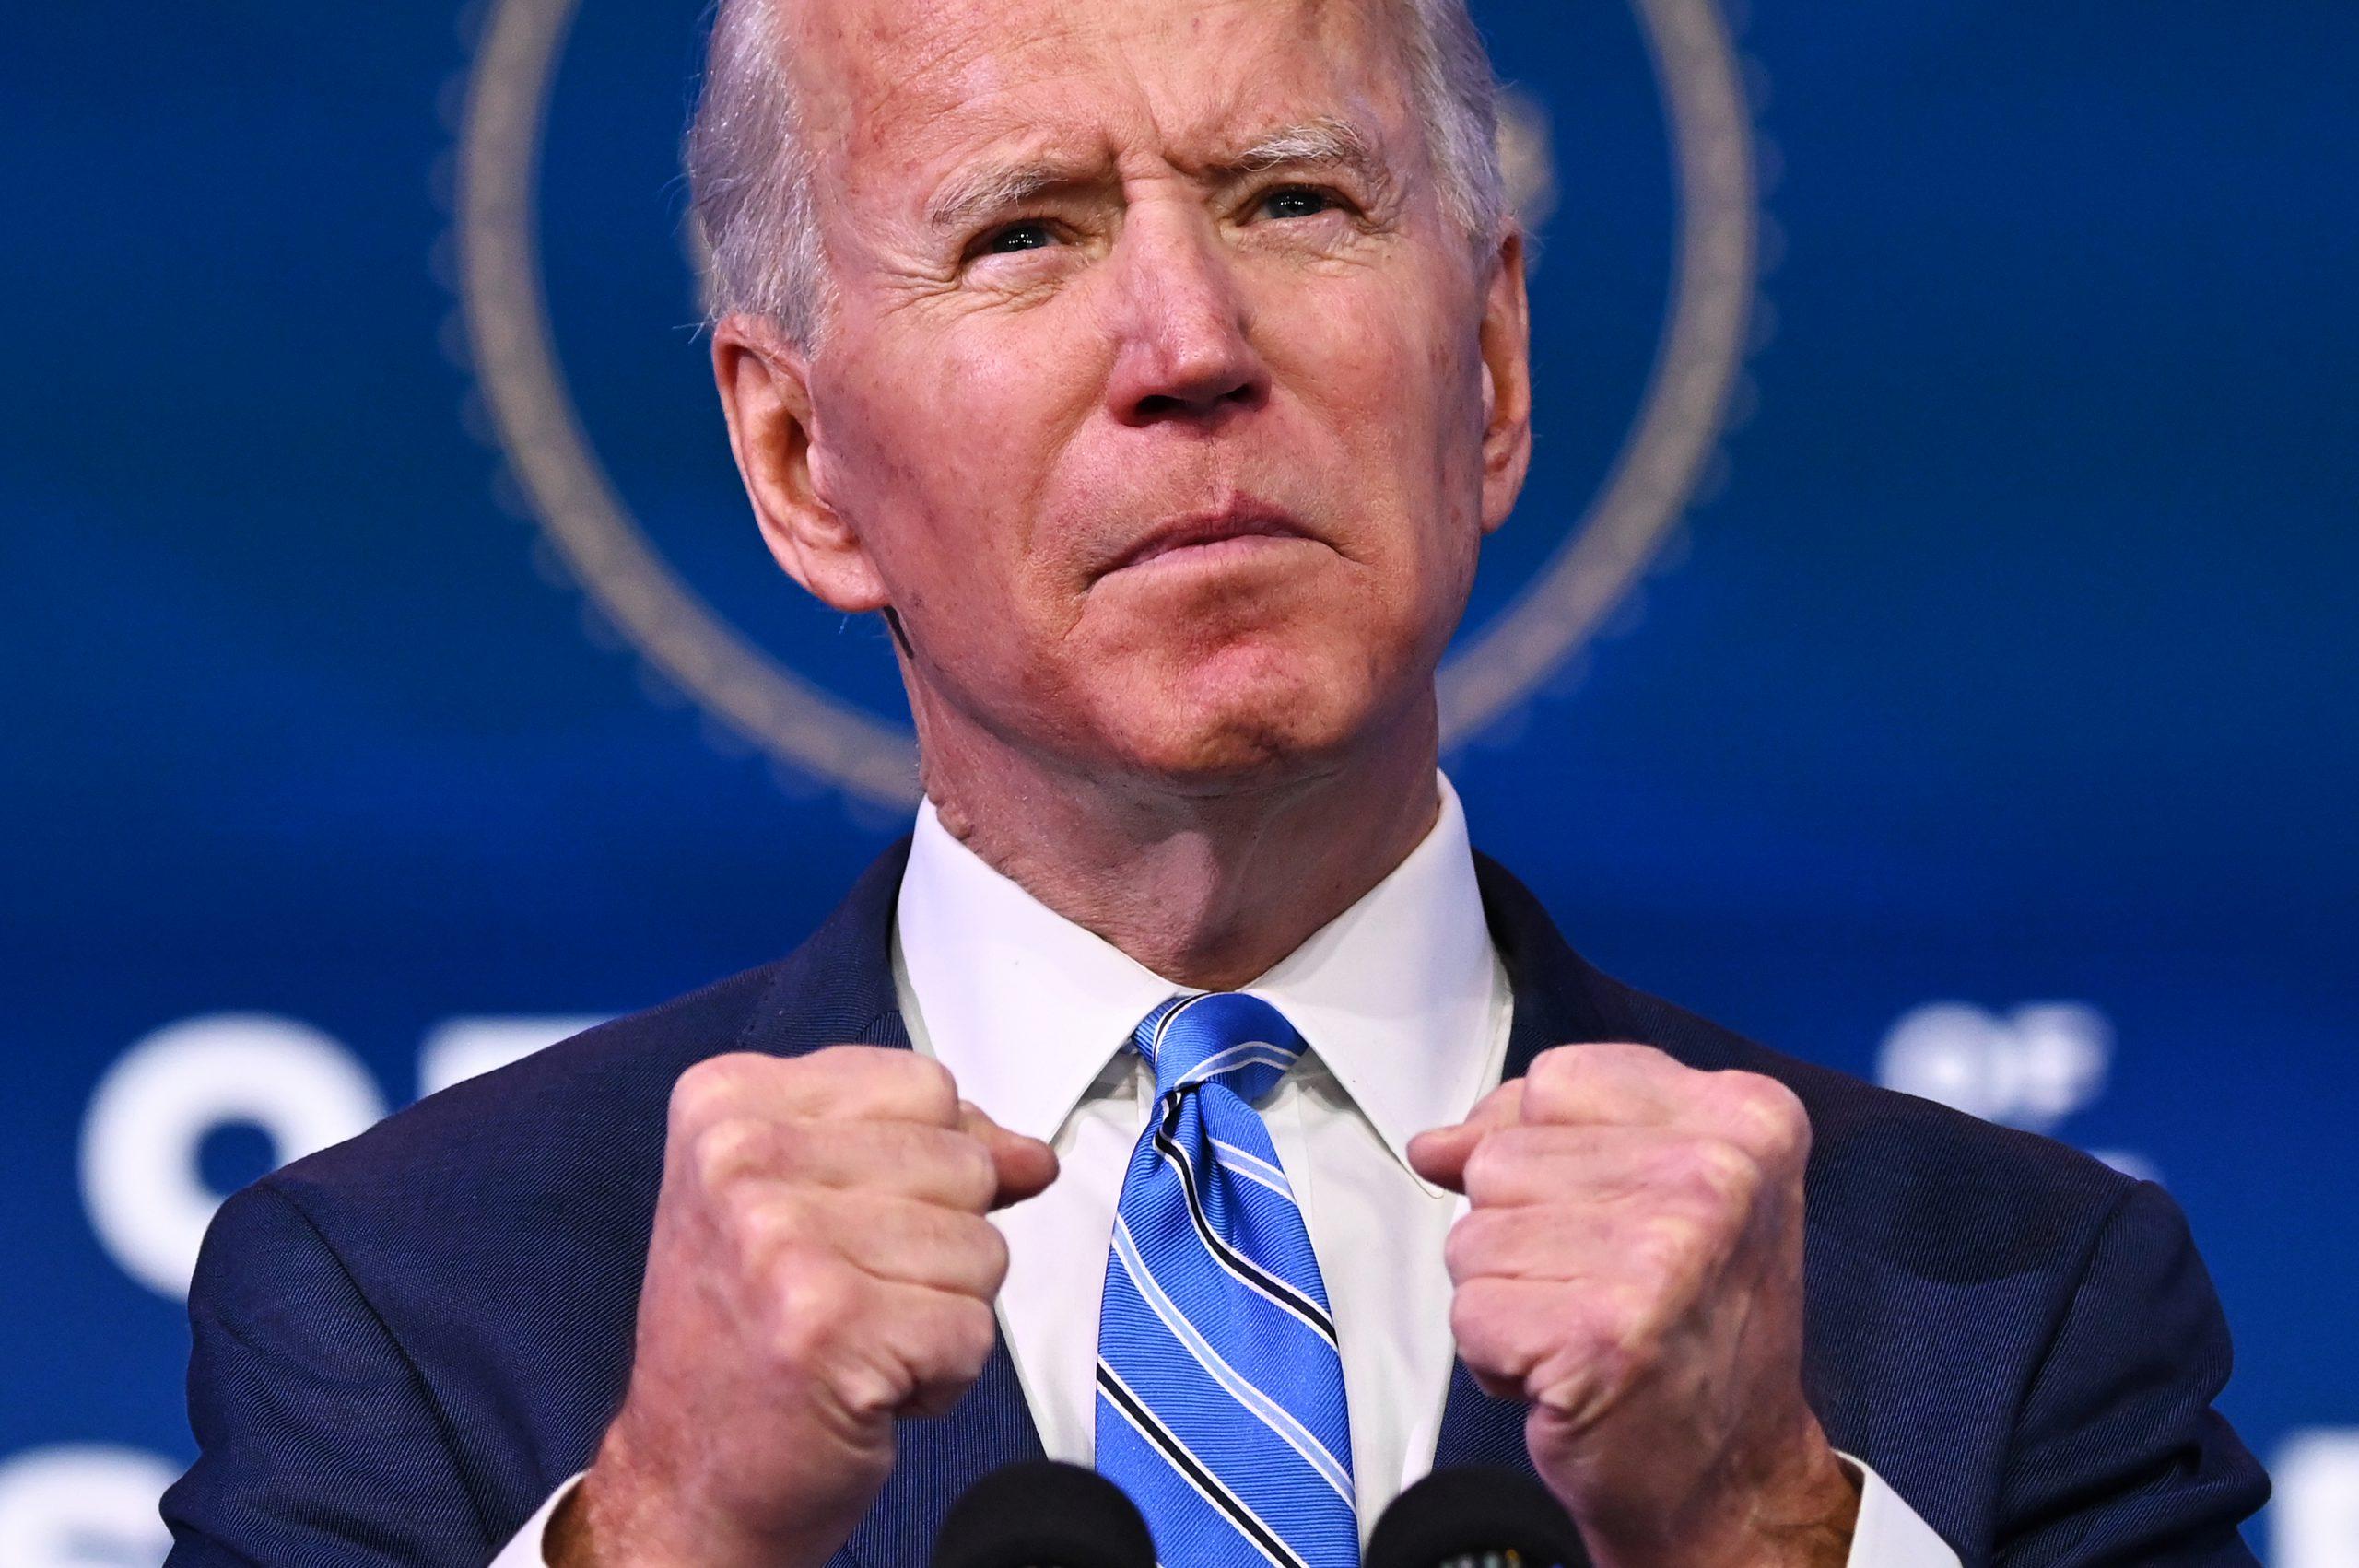 Biden dice que EEUU no levantará prohibiciones de viaje pese a anuncio de Trump